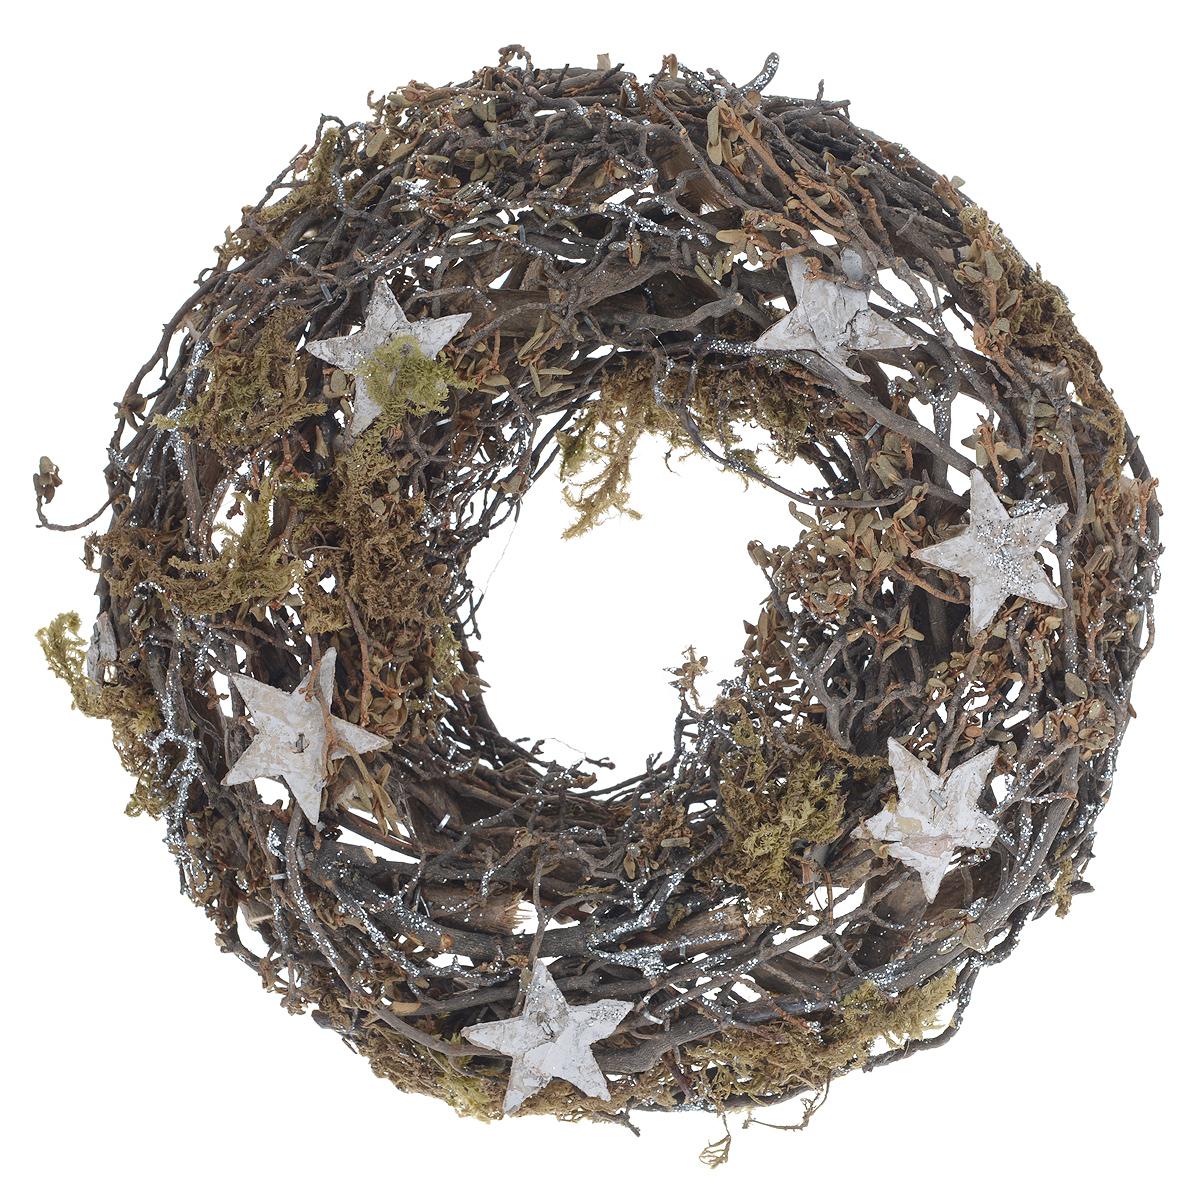 Венок декоративный Dongjiang Art, диаметр 35 см. 77089187708918Венок декоративный Dongjiang Art дополнит интерьер любого помещения, а также сможет стать оригинальным подарком для ваших друзей и близких. Композиция выполнена в виде венка из деревянного каркаса, декорированного звездами и блестками. Дополнительно вы можете украсить венок лентами, фигурками, красивыми бусинами, цветной бумагой и другим материалом. Оформление помещения декоративным венком создаст праздничную, по-настоящему радостную и теплую атмосферу. Диаметр венка: 35 см.